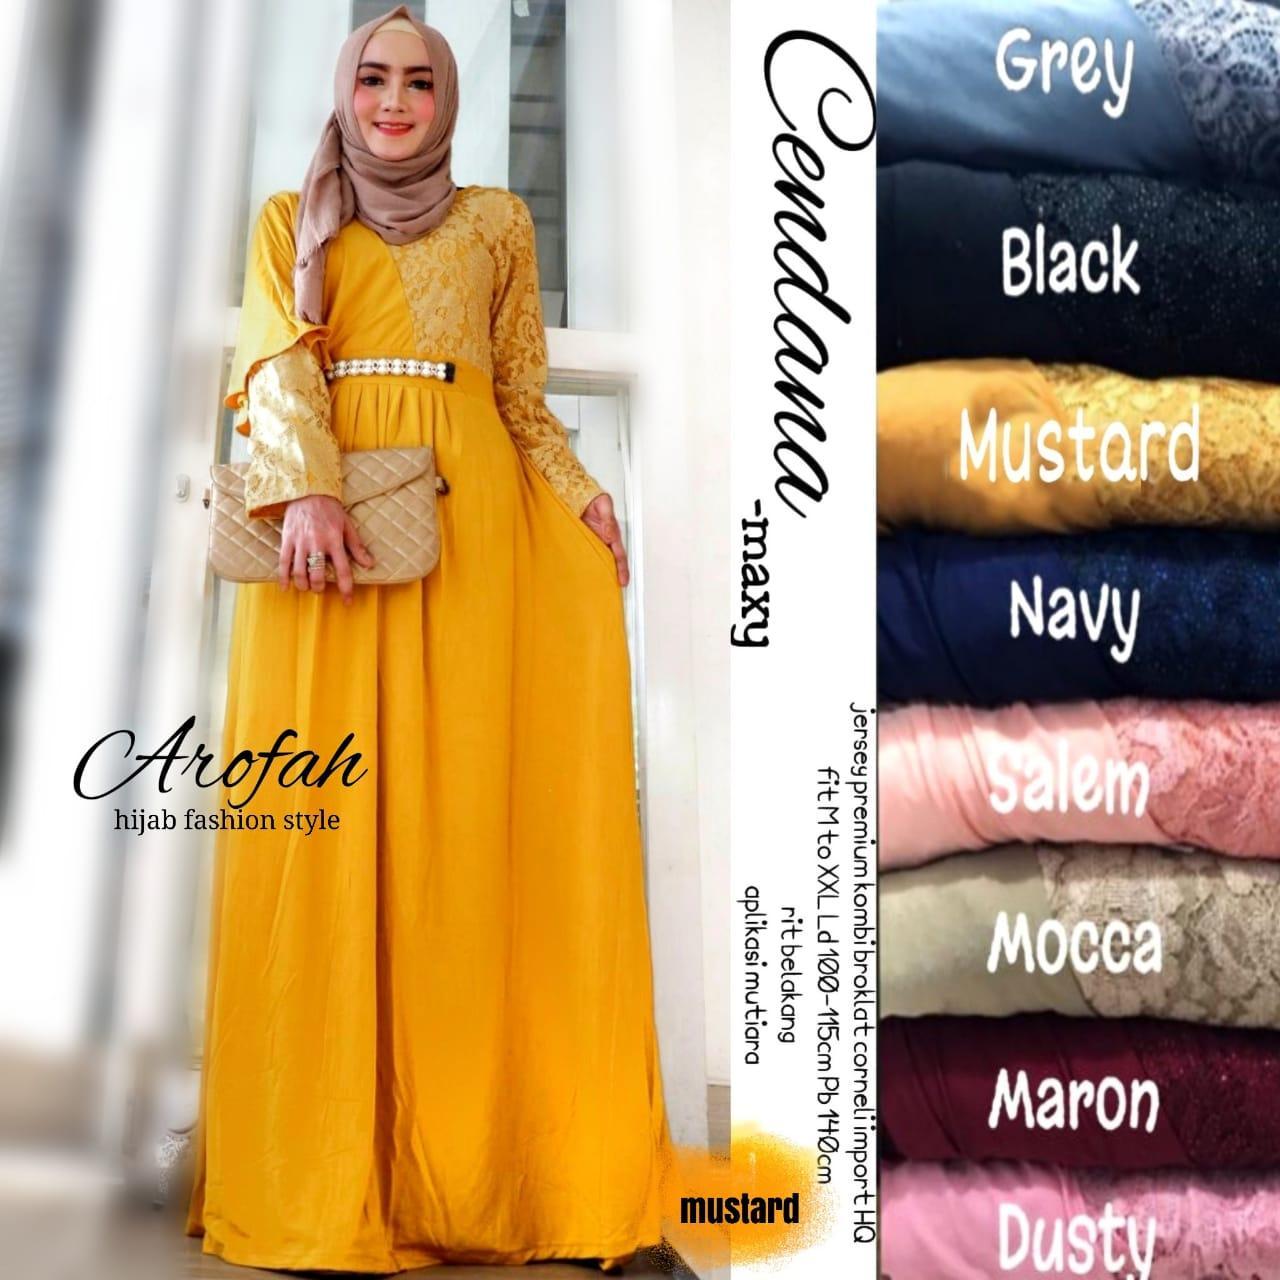 Cendana Maxy Jersey Premium Combi Brokat | Gamis Pesta Remaja| Sorabel Baju Gamis| Gamis Dresslim Rabbani| Model Baju Gamis Brokat Terbaru 2019 Desain Modern Dan Mewah| Model Kebaya 2019|Dress Brokat Muslim| Baju Dress Terbaru| Baju Olahraga Muslim